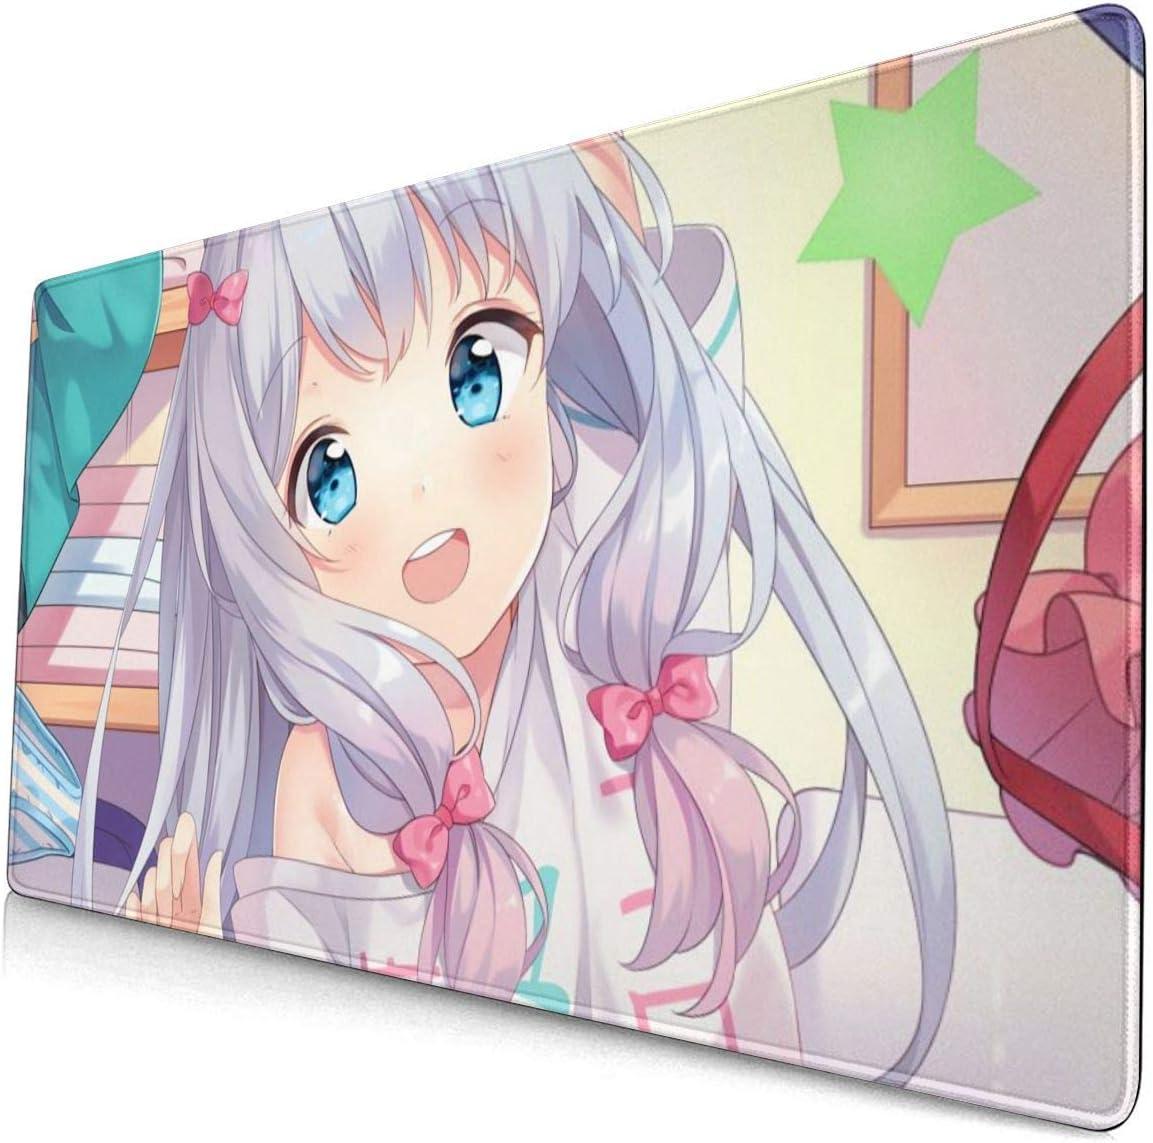 Anime Oreimo Mouse Pad Kousaka Kyousuke Aragaki Ayase Keyboard Gaming Play Mat